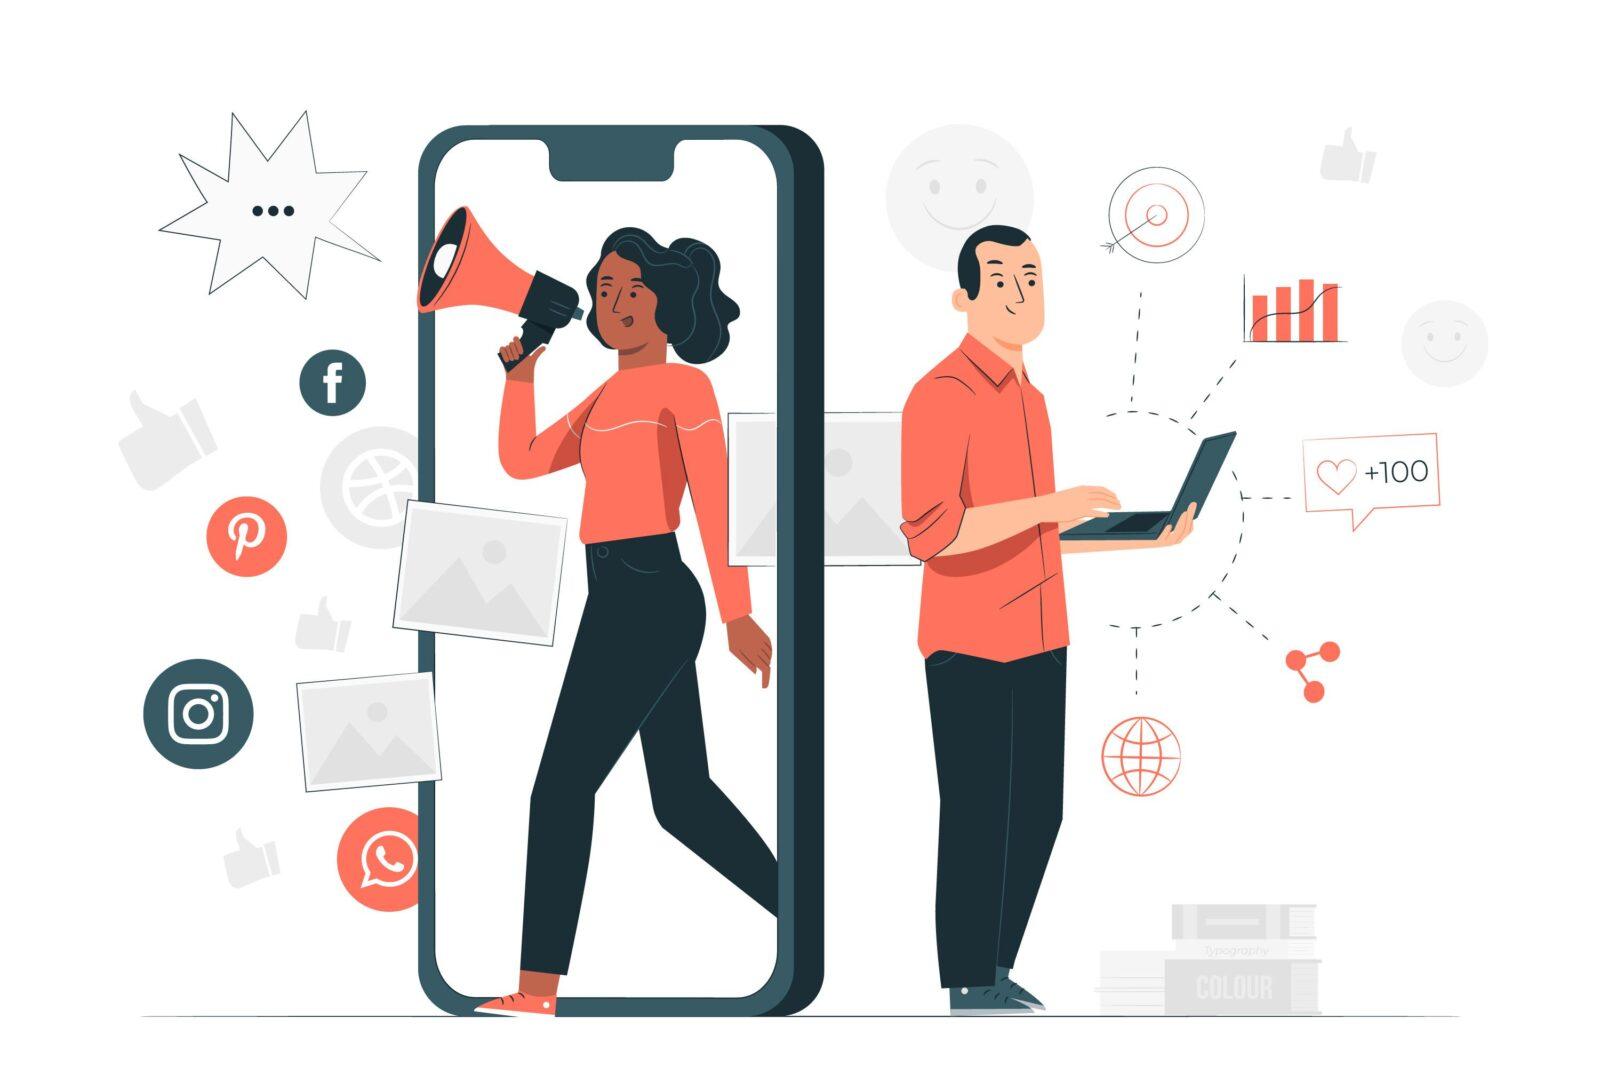 тренды онлайн продвижения интернет-маркетинга в 2021 году работа с лидерами мнений influence marketing